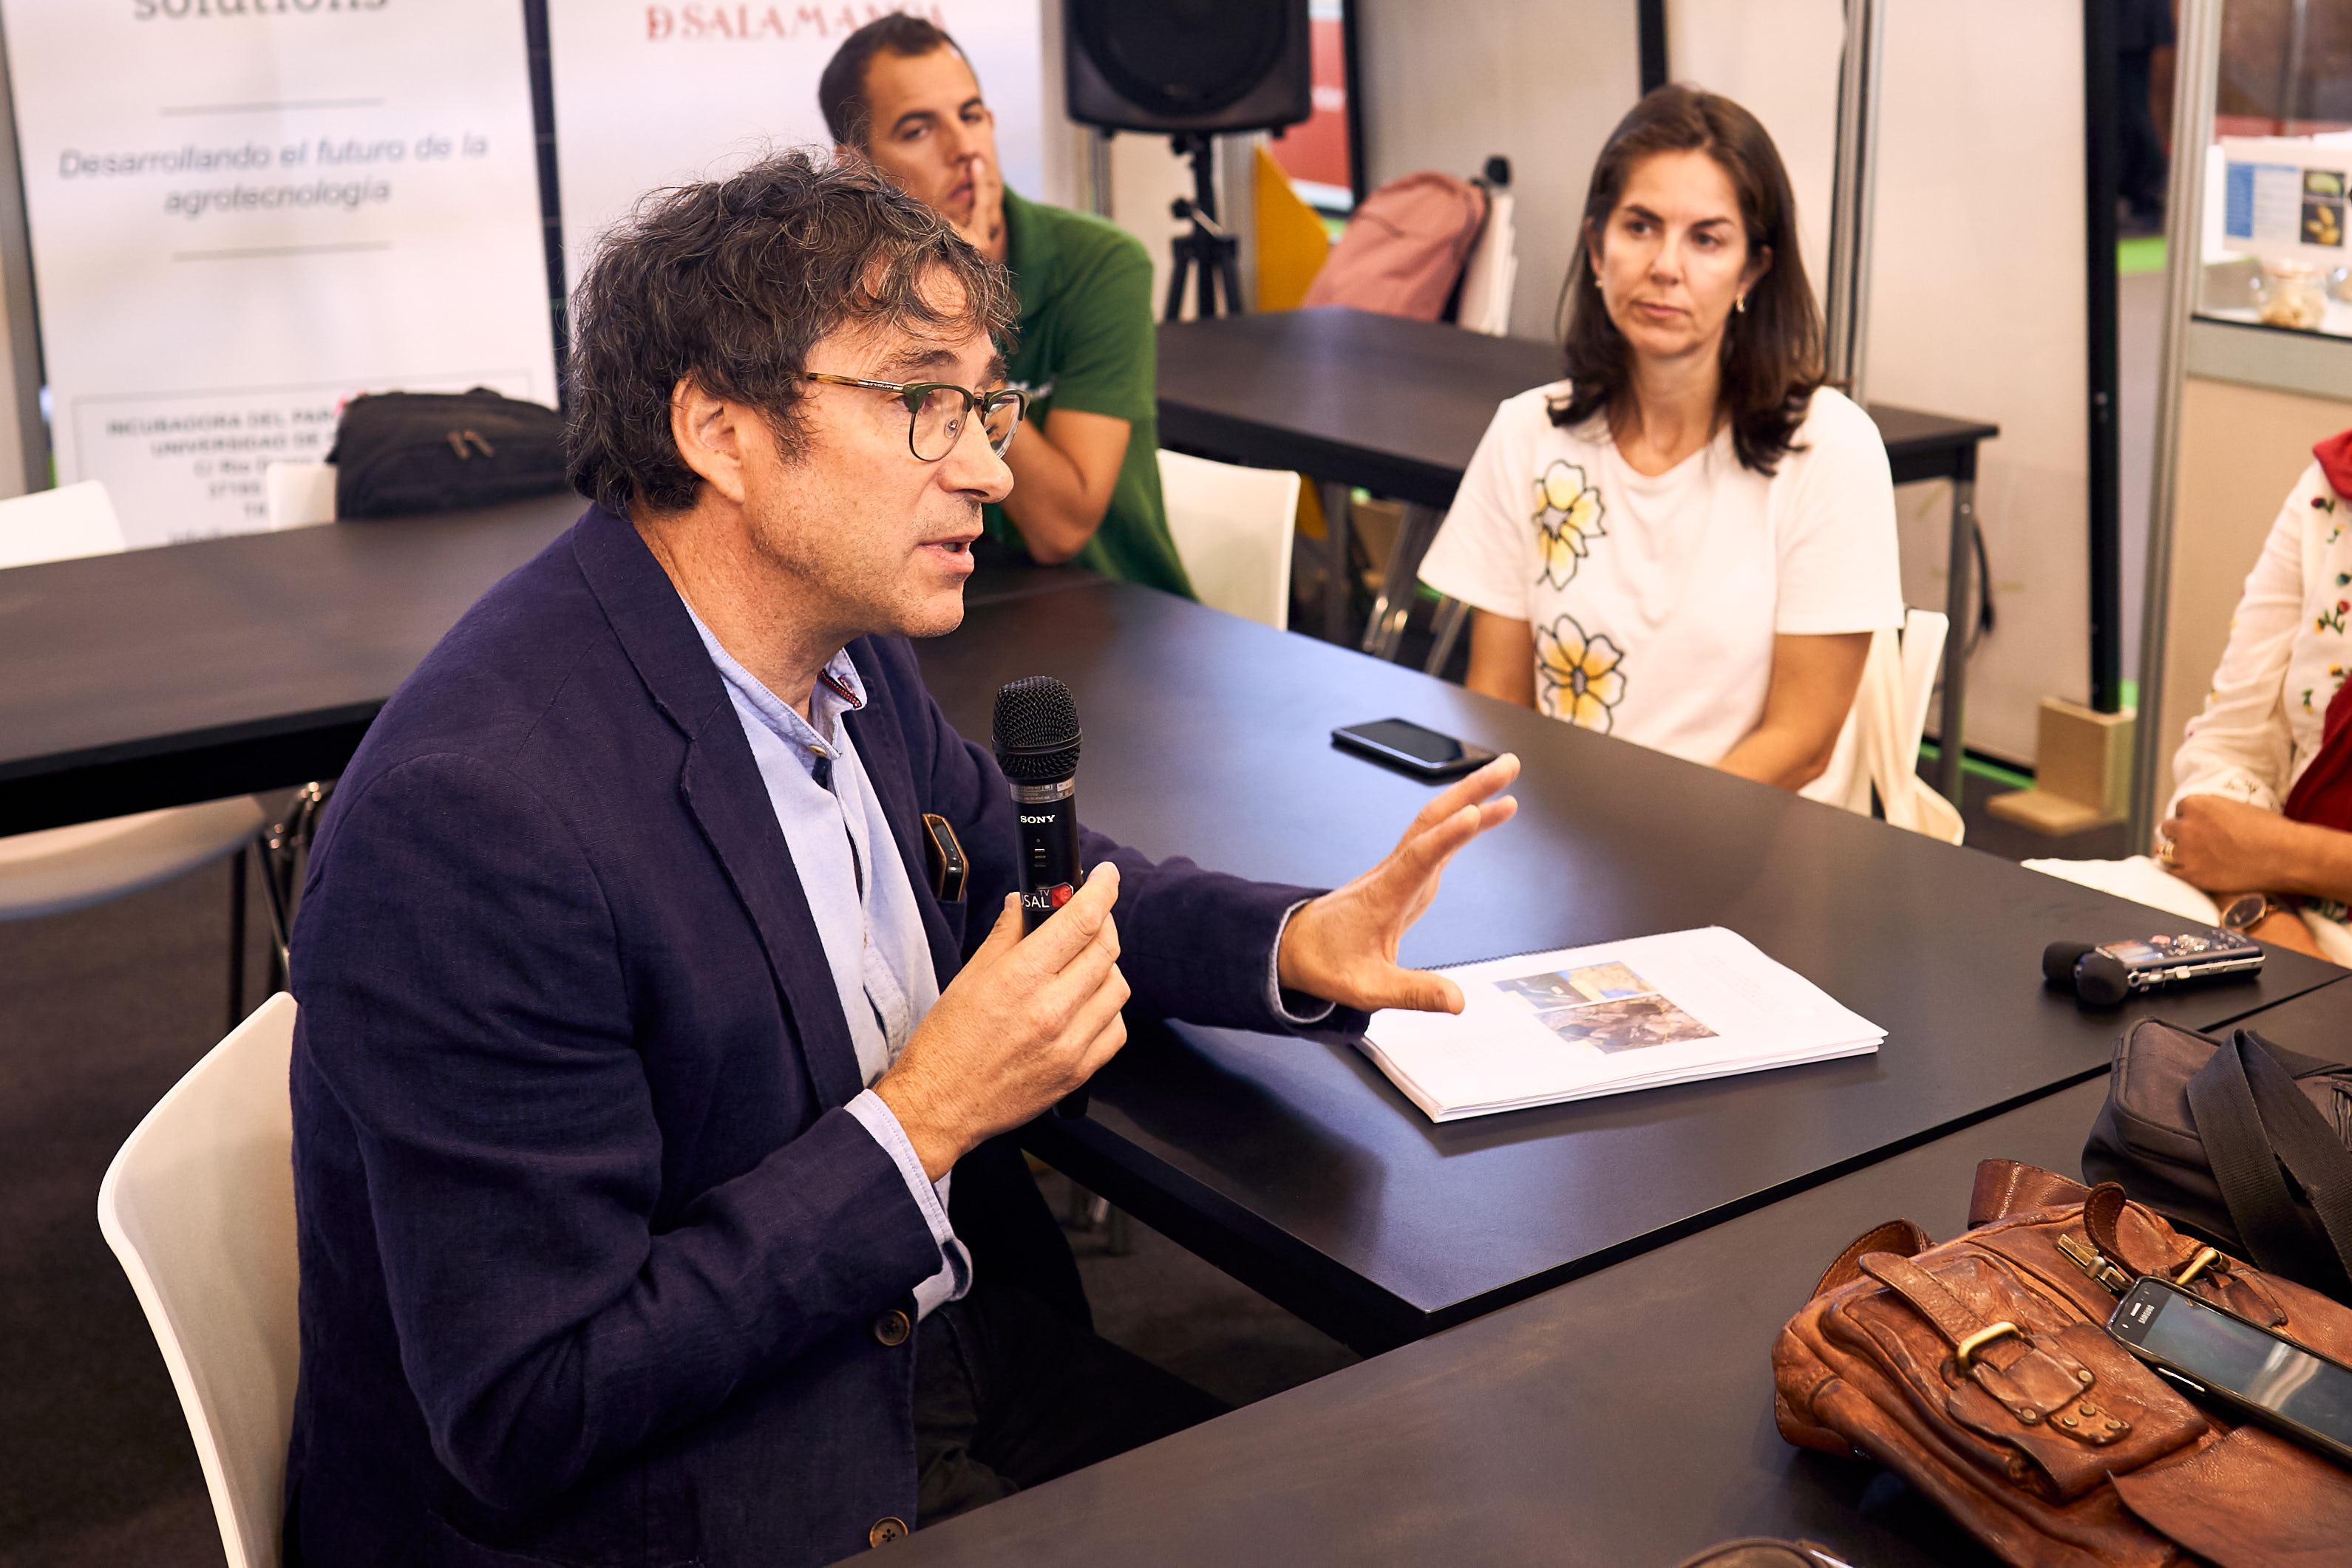 El rector y el presidente de la Diputación presentan los resultados de la III convocatoria de los proyectos de investigación orientados al sector primario 0001.jpg